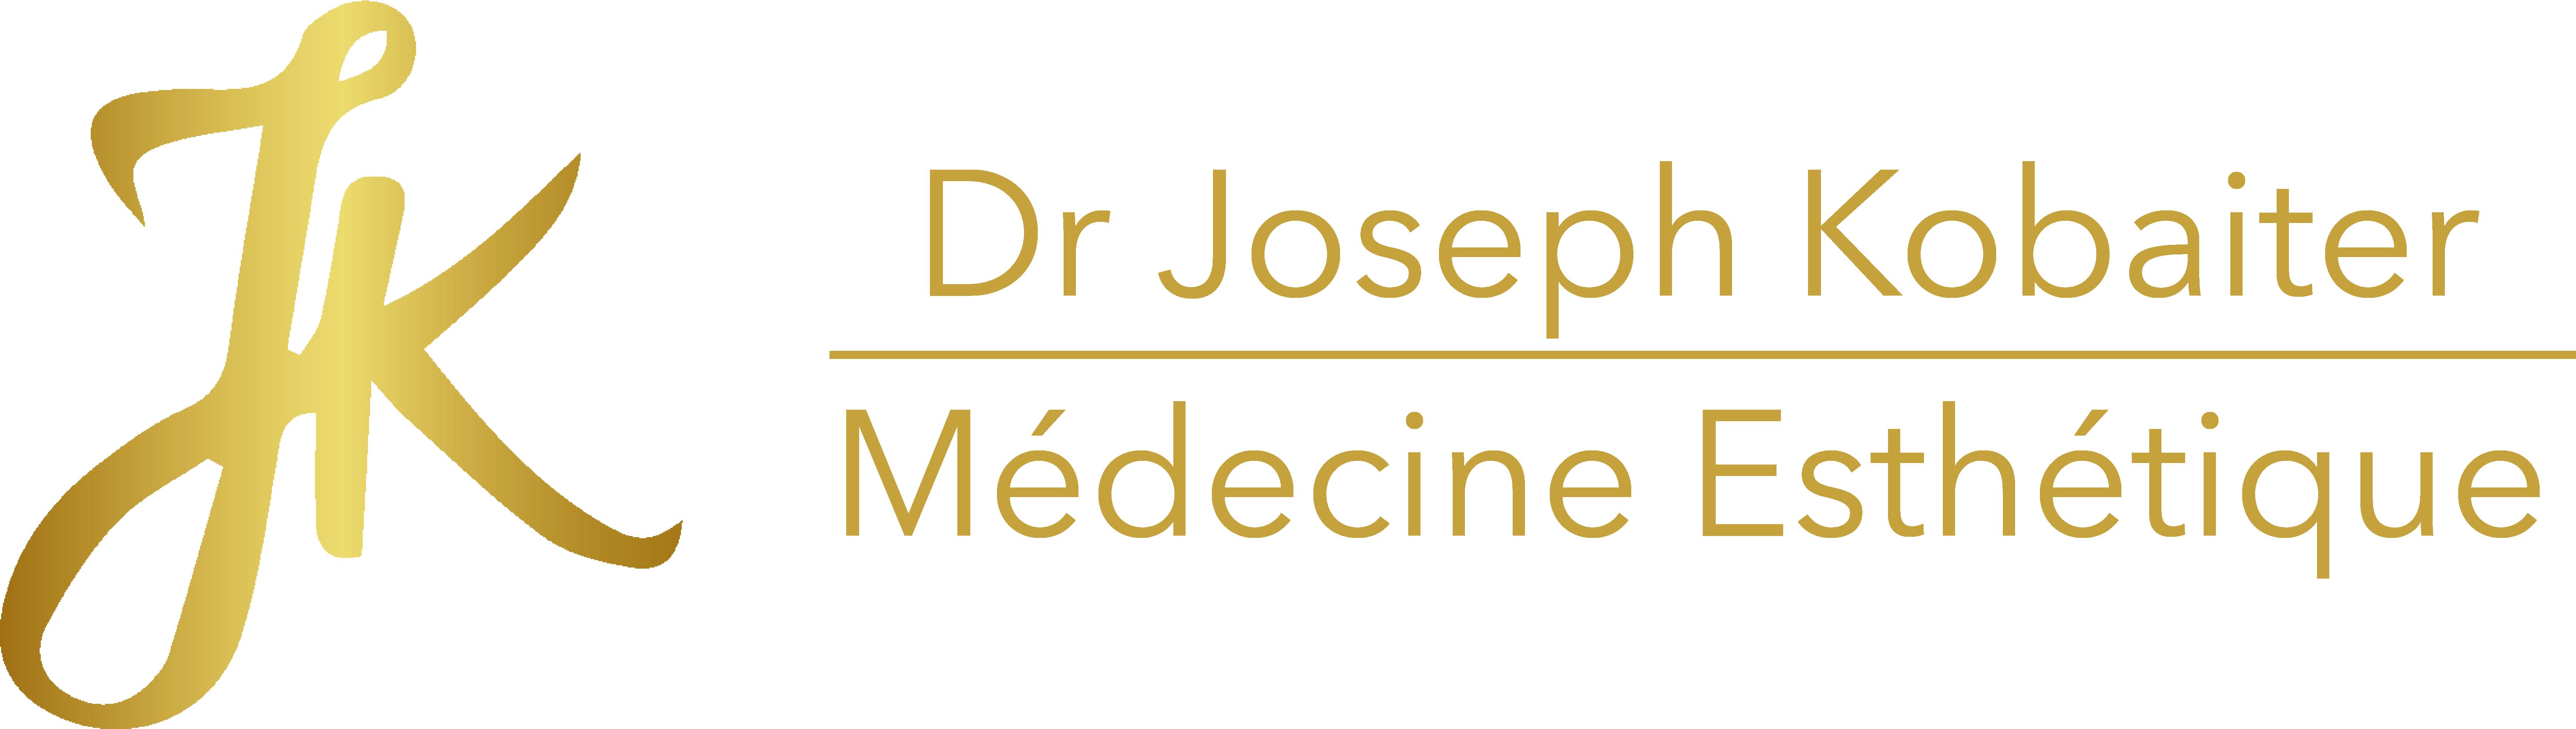 Dr Joseph Kobaiter